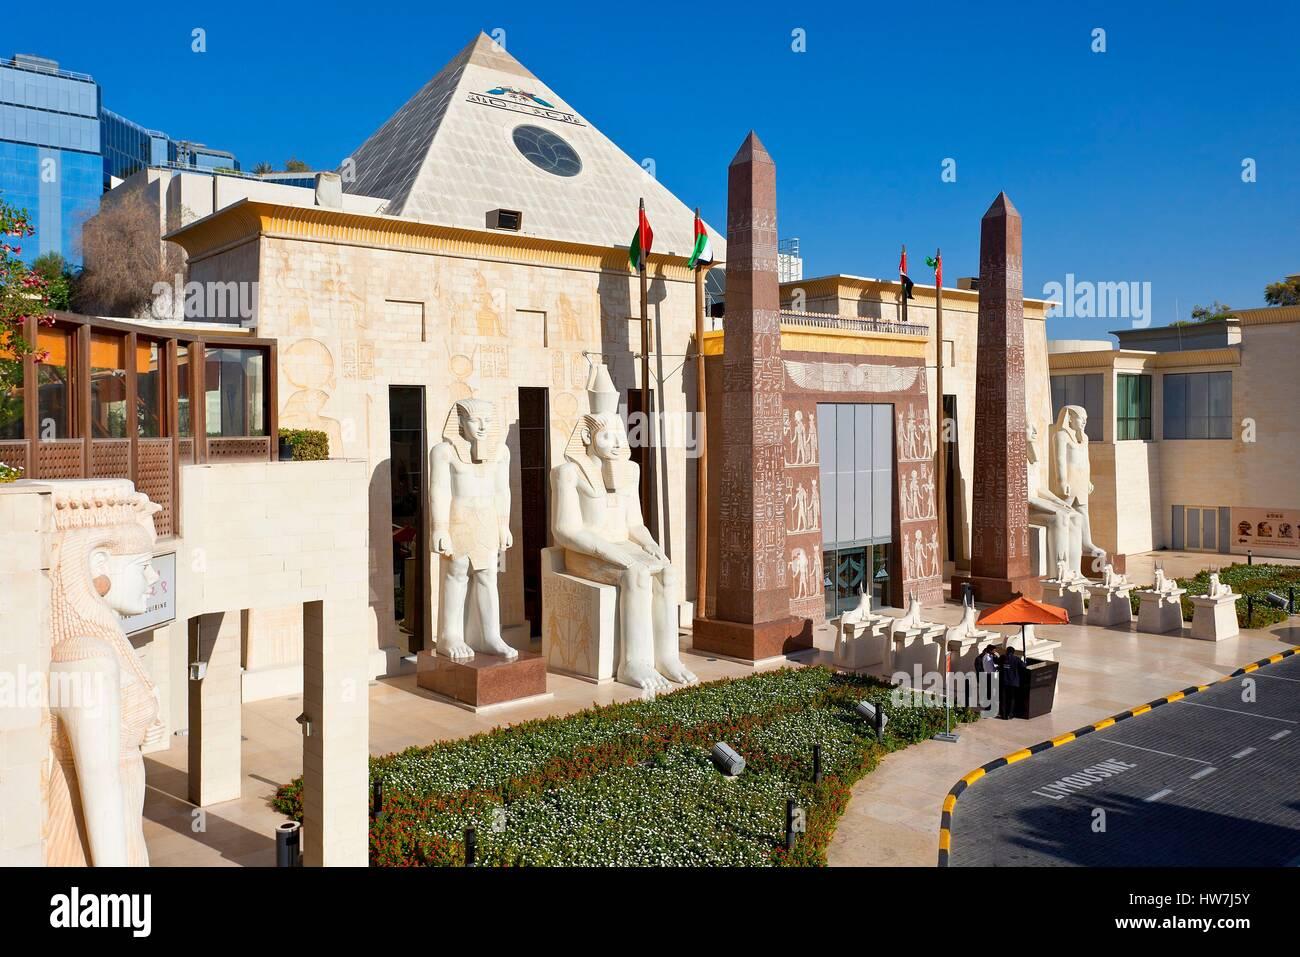 Emirati Arabi Uniti Dubai e Centro commerciale cittadino di Wafi Immagini Stock